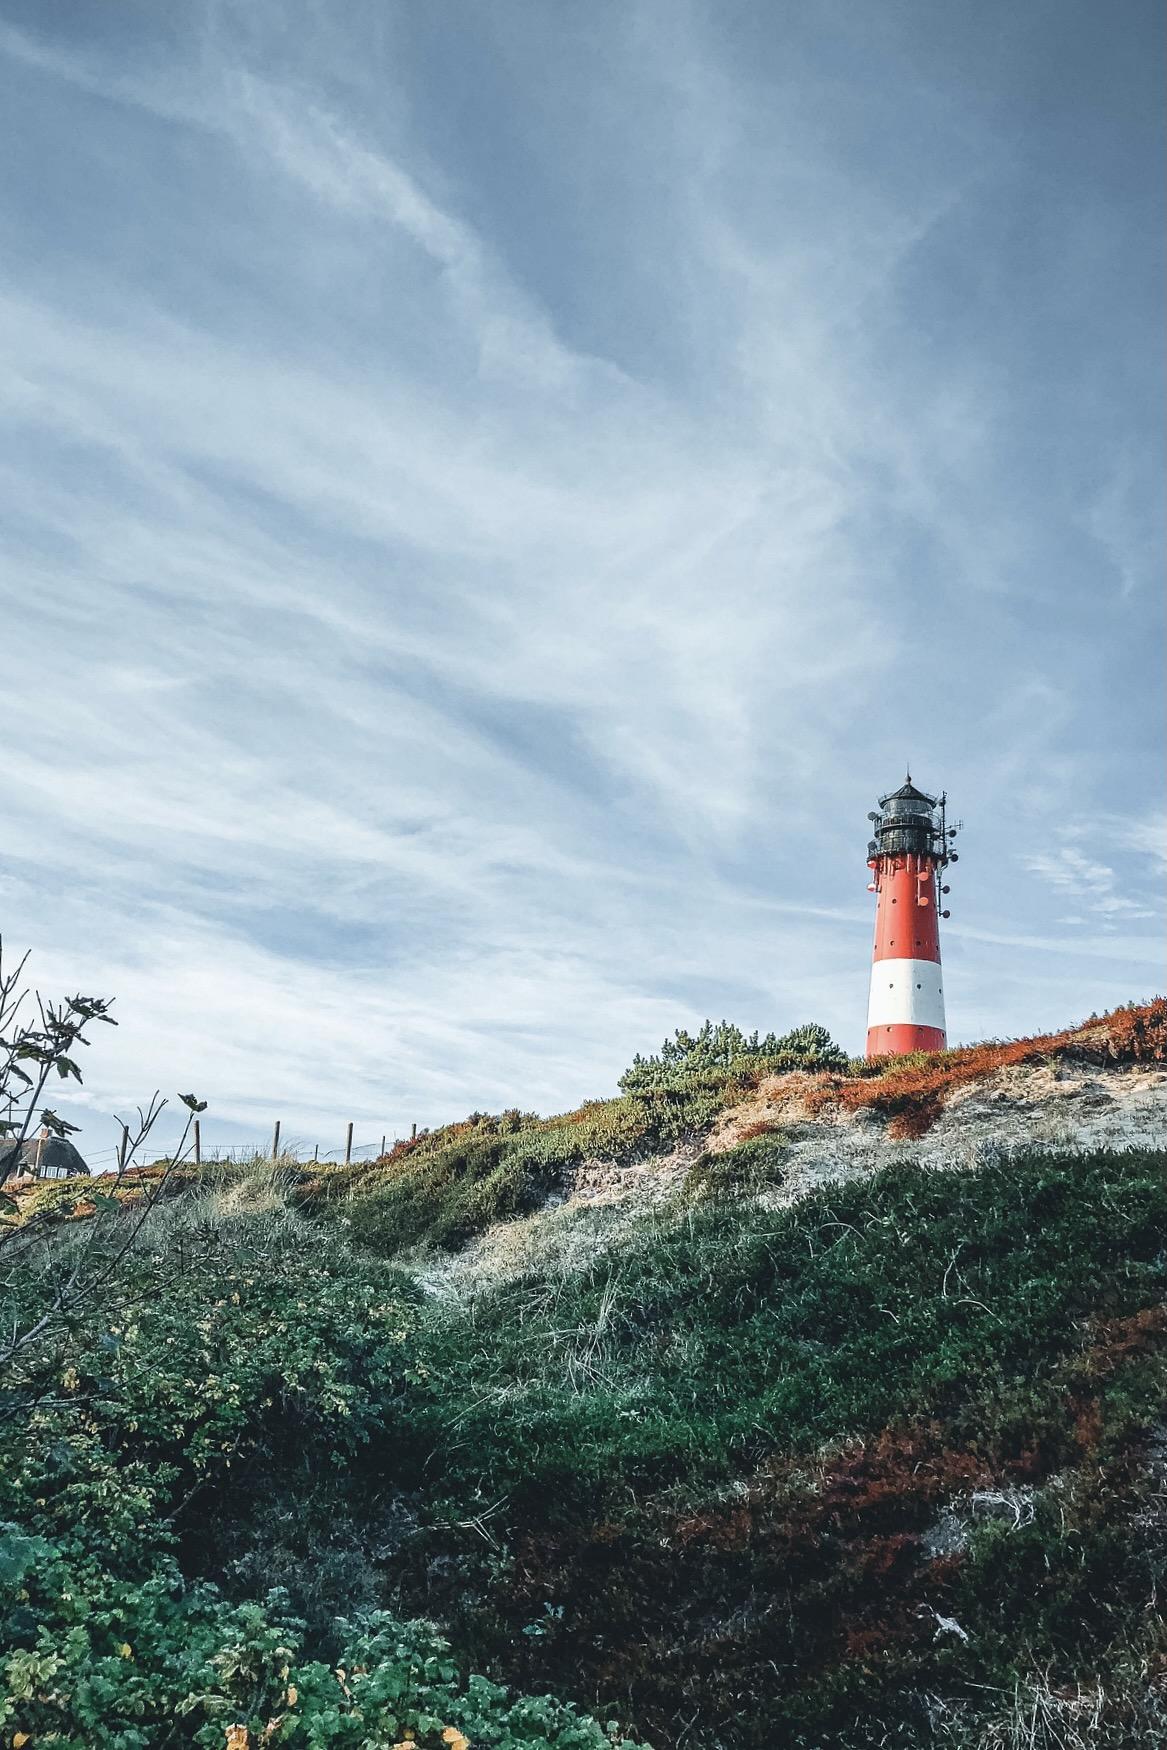 Der Leuchtturm in Hörnum ist eine der besten Sylt Sehenswürdigkeiten